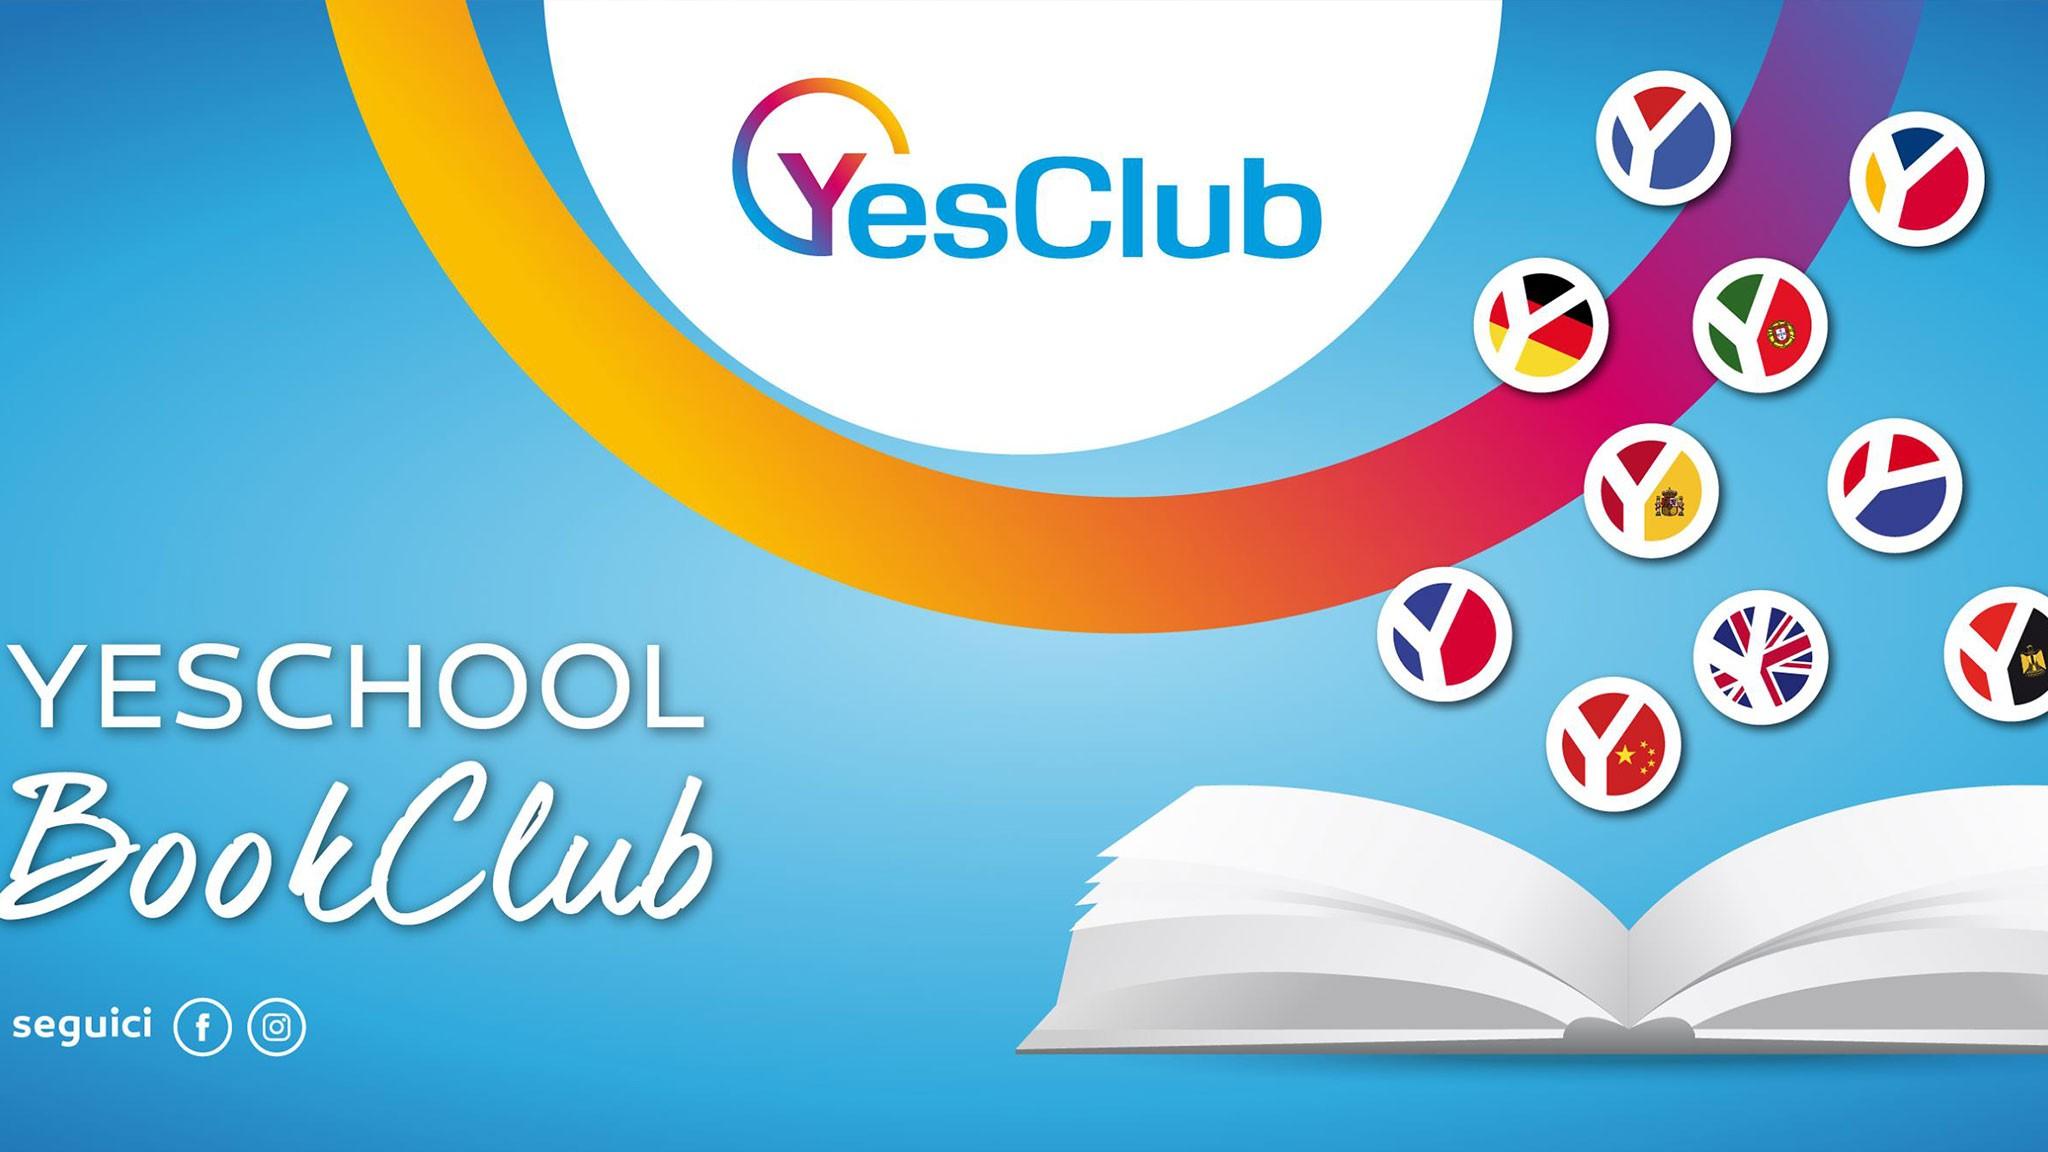 Yeschool book club